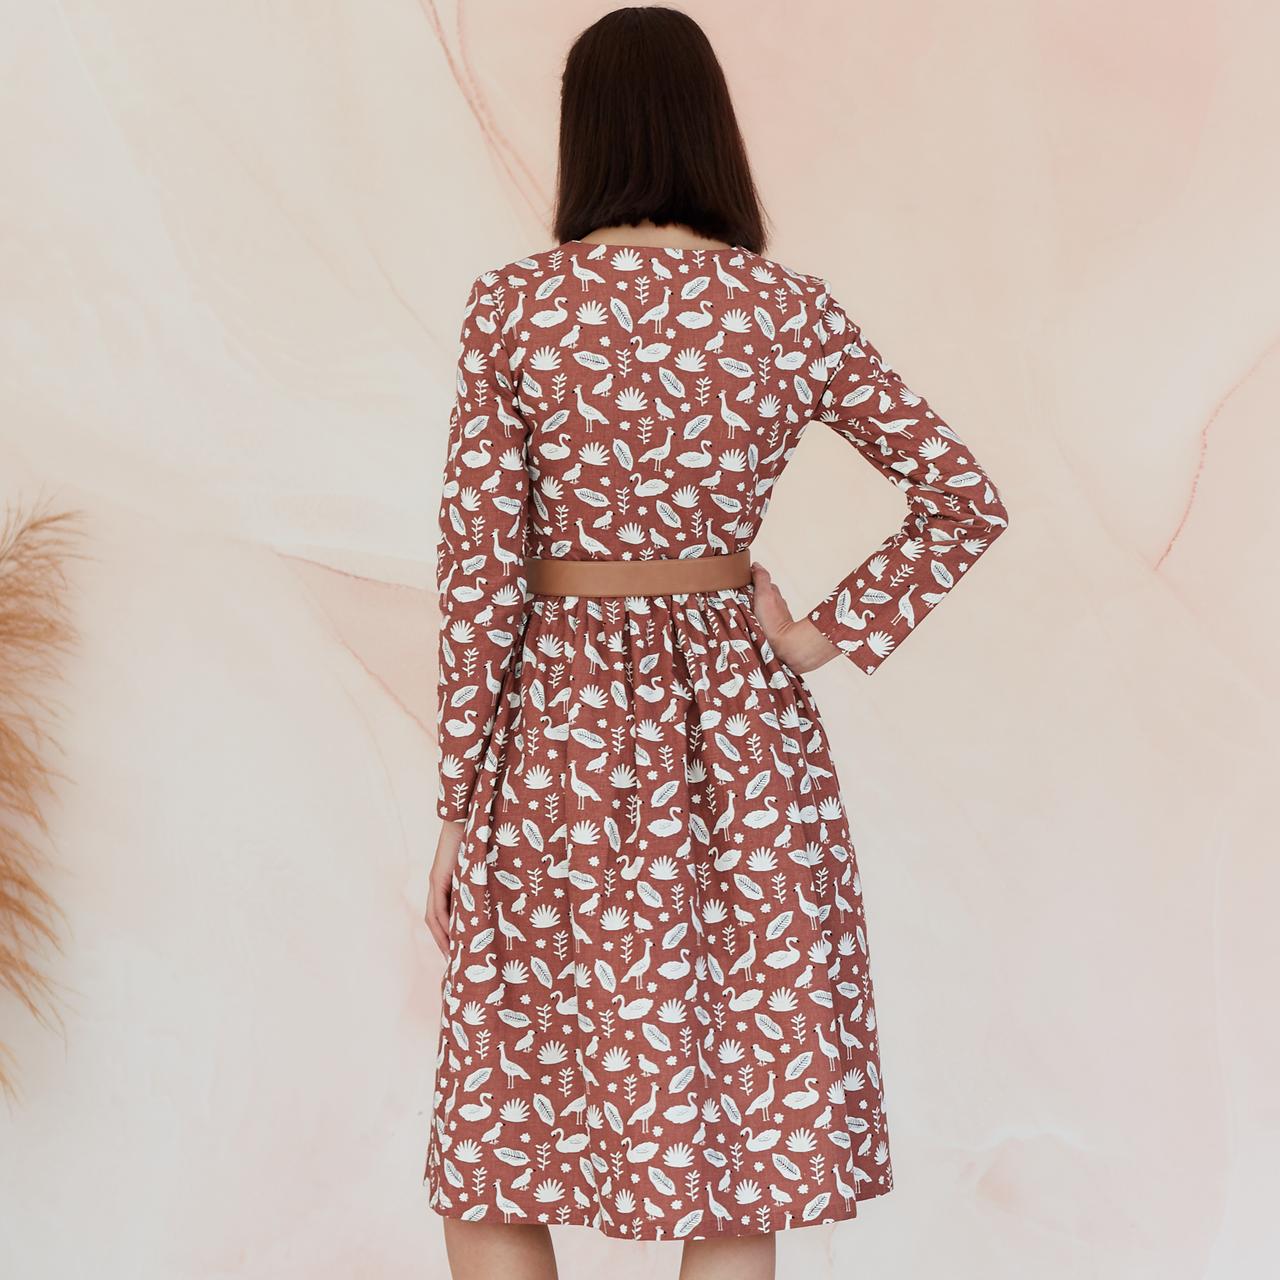 Платье женское на пуговицах молочного цвета, анималистический принт - фото 2